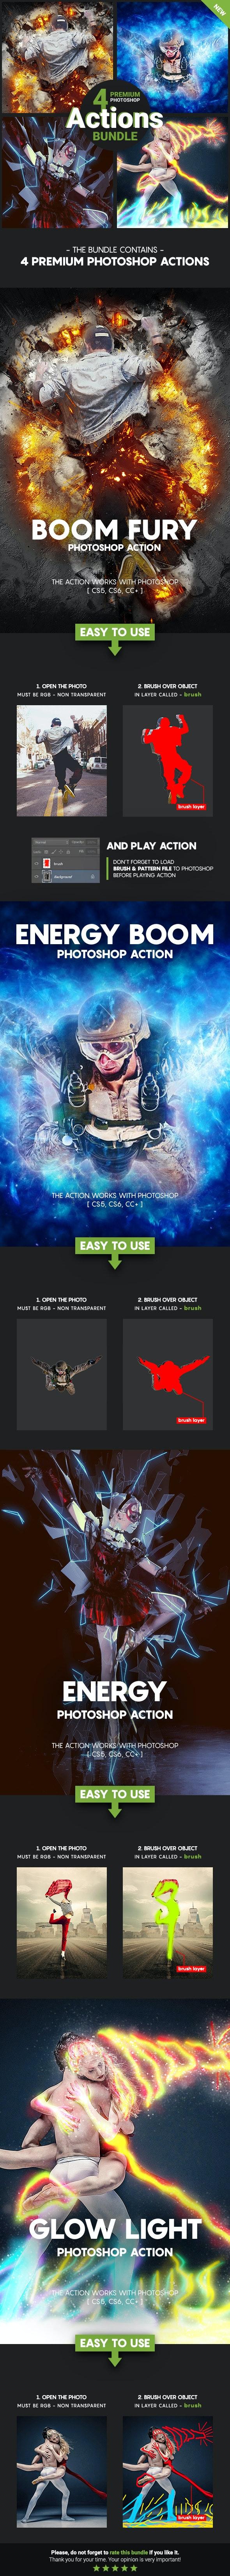 4 Premium Photoshop Actions Bundle - Feb19 #1 - Photo Effects Actions